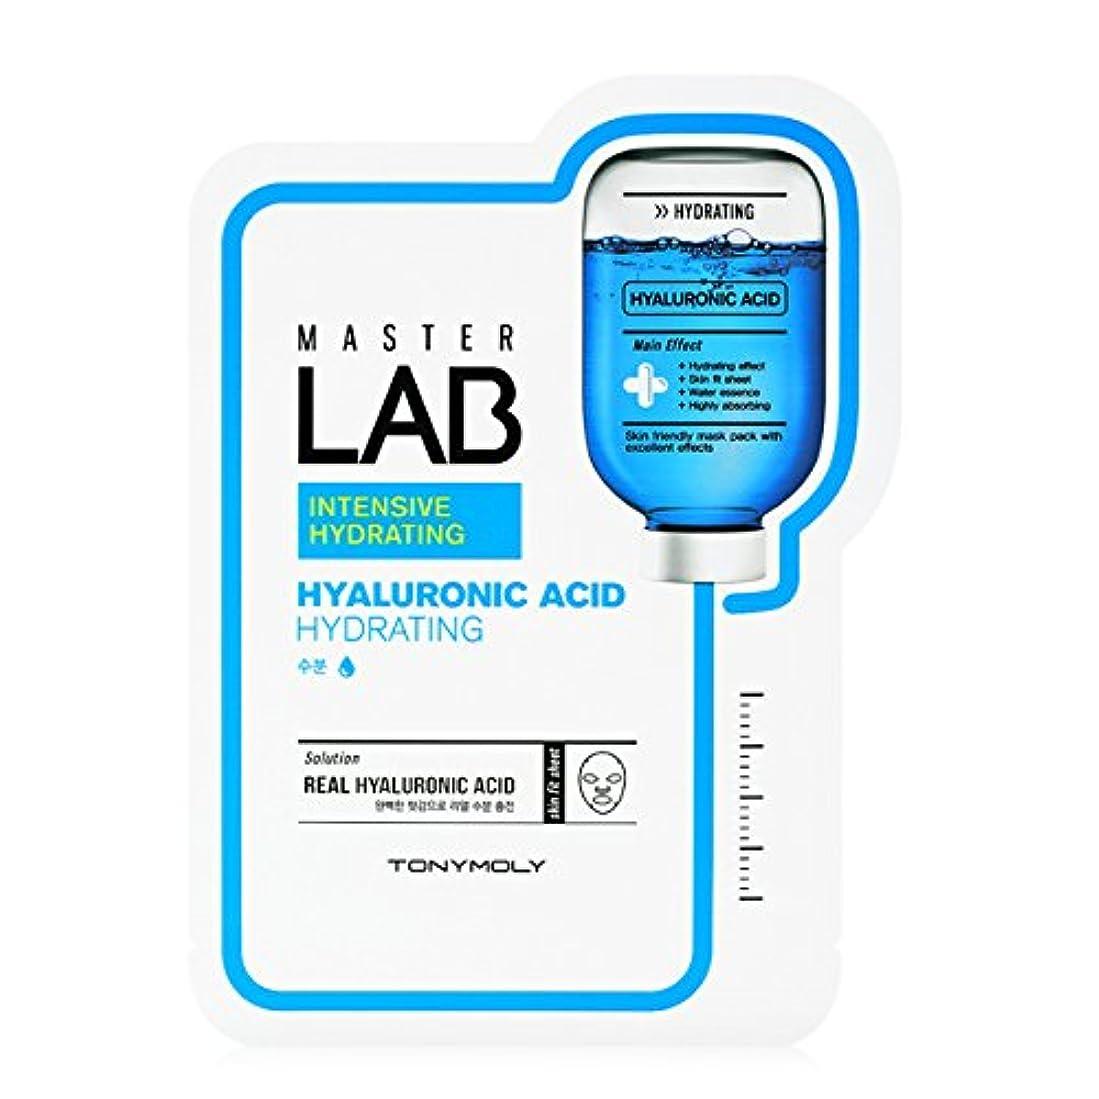 もっともらしい法令花瓶[New] TONYMOLY Master LAB Mask Sheet 19g×5ea/トニーモリー マスター ラブ マスクシート 19g×5枚 (#Hyaluronic Acid:Hydrating)